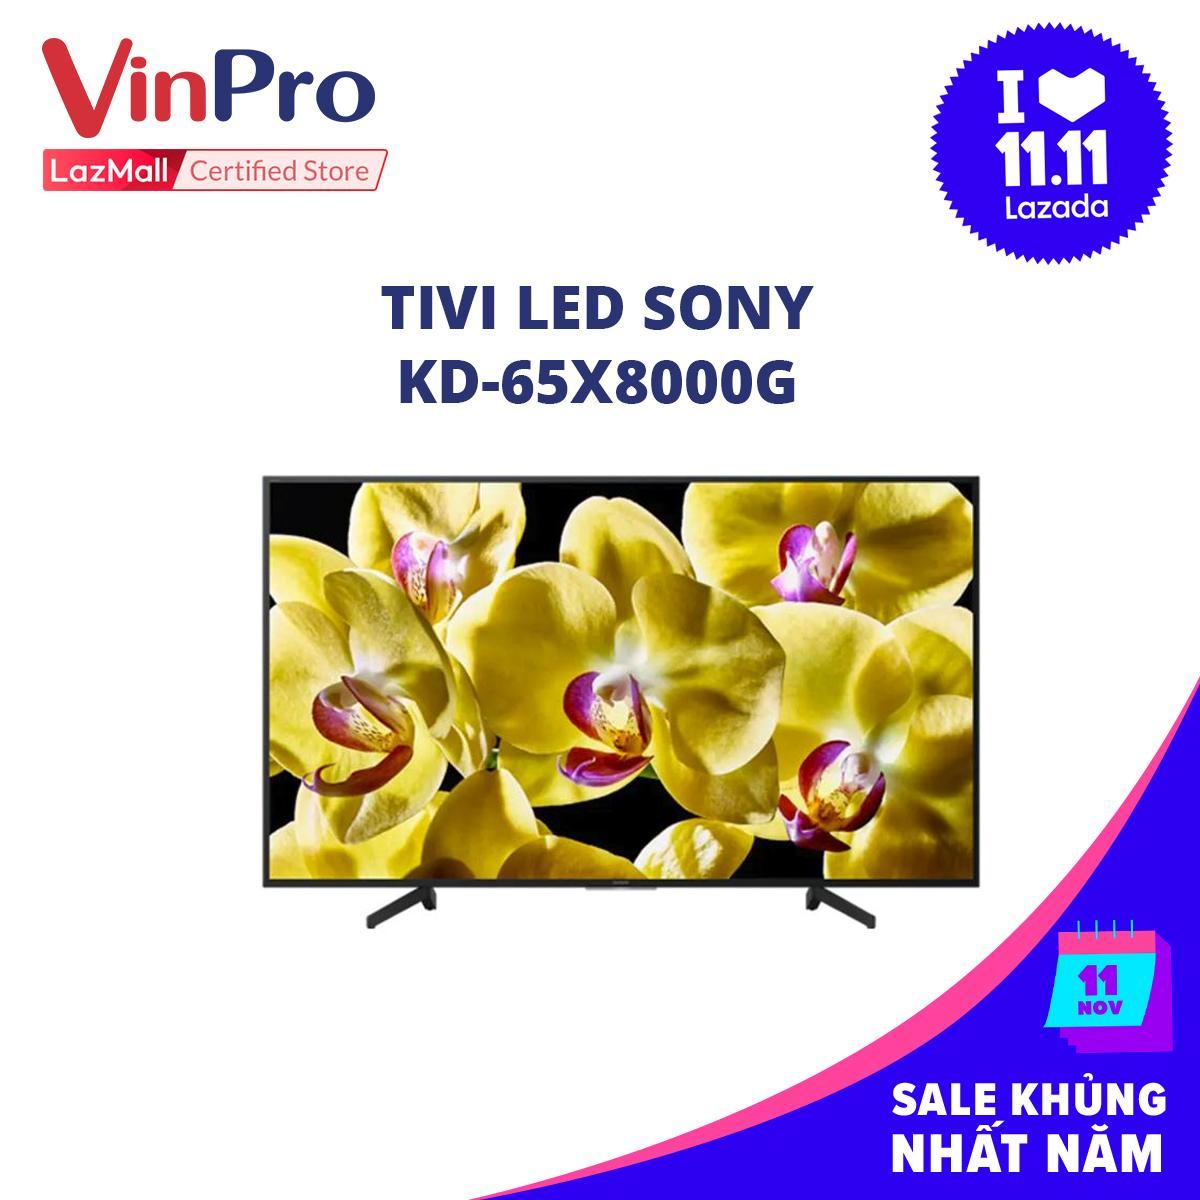 Bảng giá TIVI LED SONY KD-65X8000G